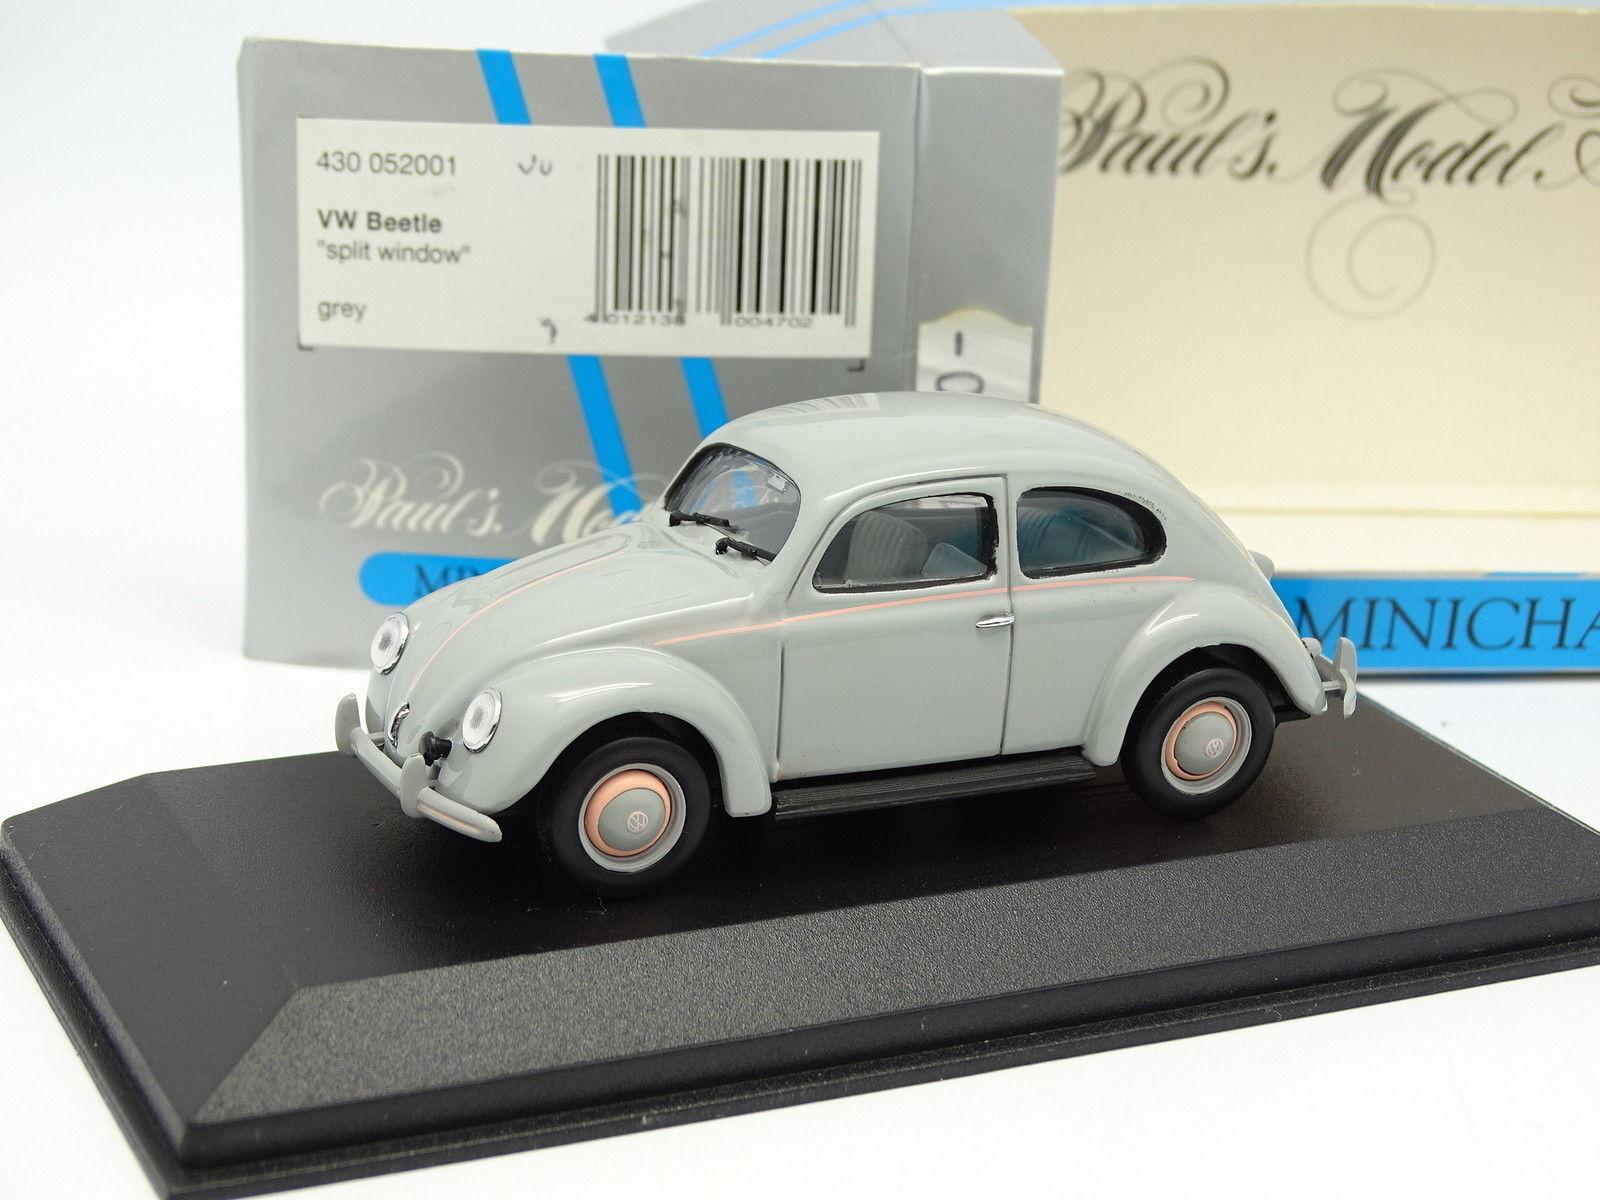 Minichamps 1 43 - VW Käfer split window grau